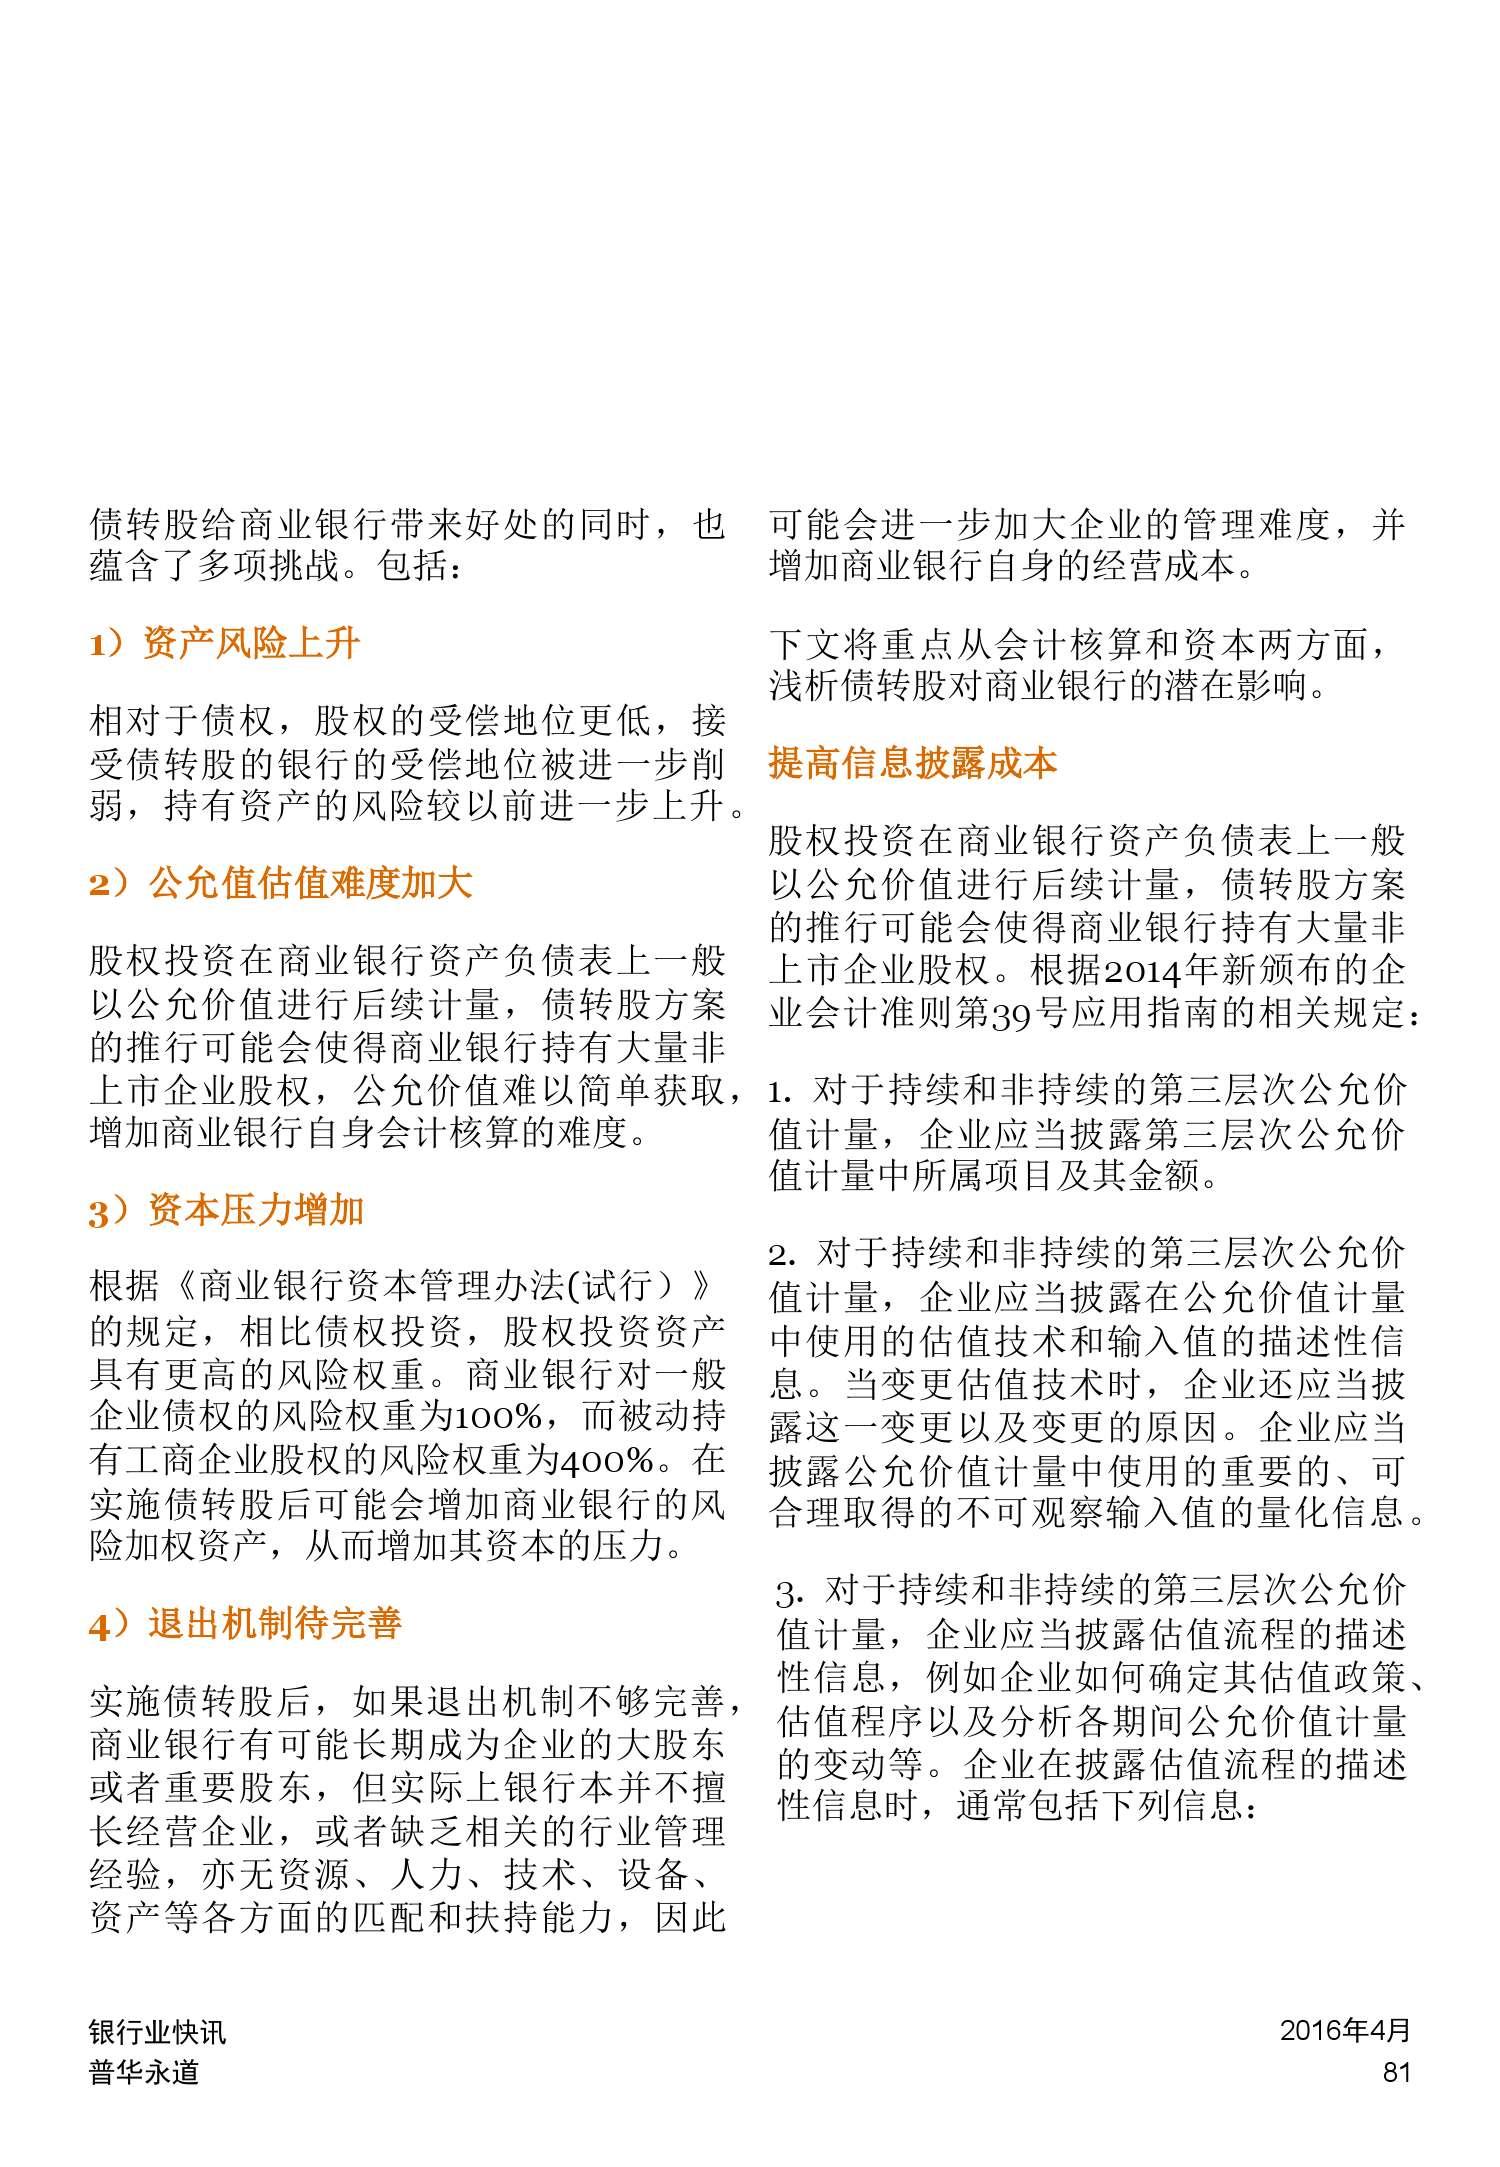 普华永道:2015年中国银行业回顾与展望_000081